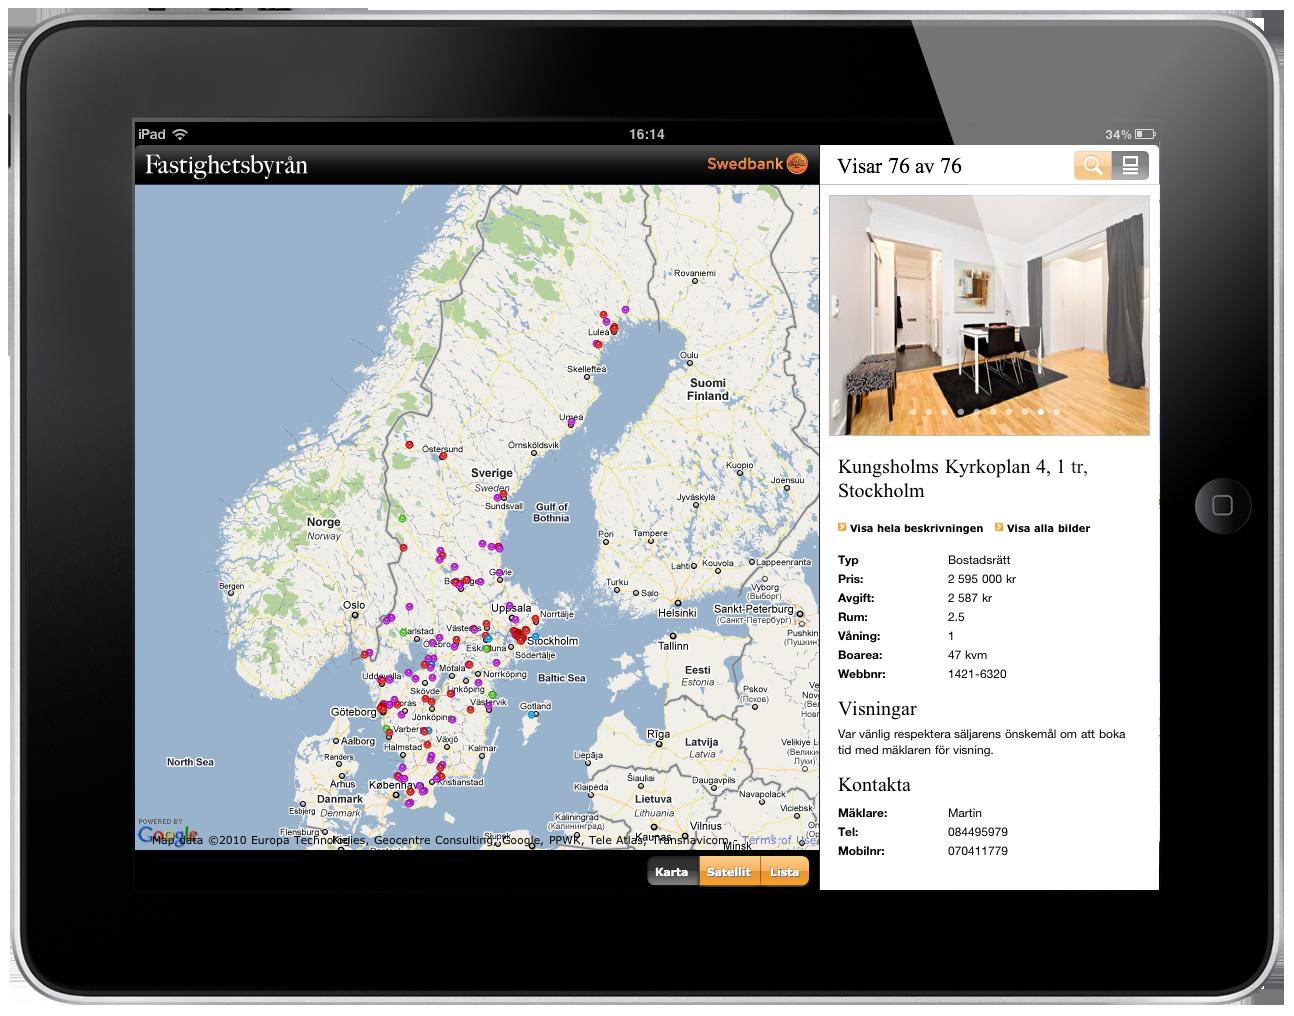 Fastighetsbyrån's iPad web app.